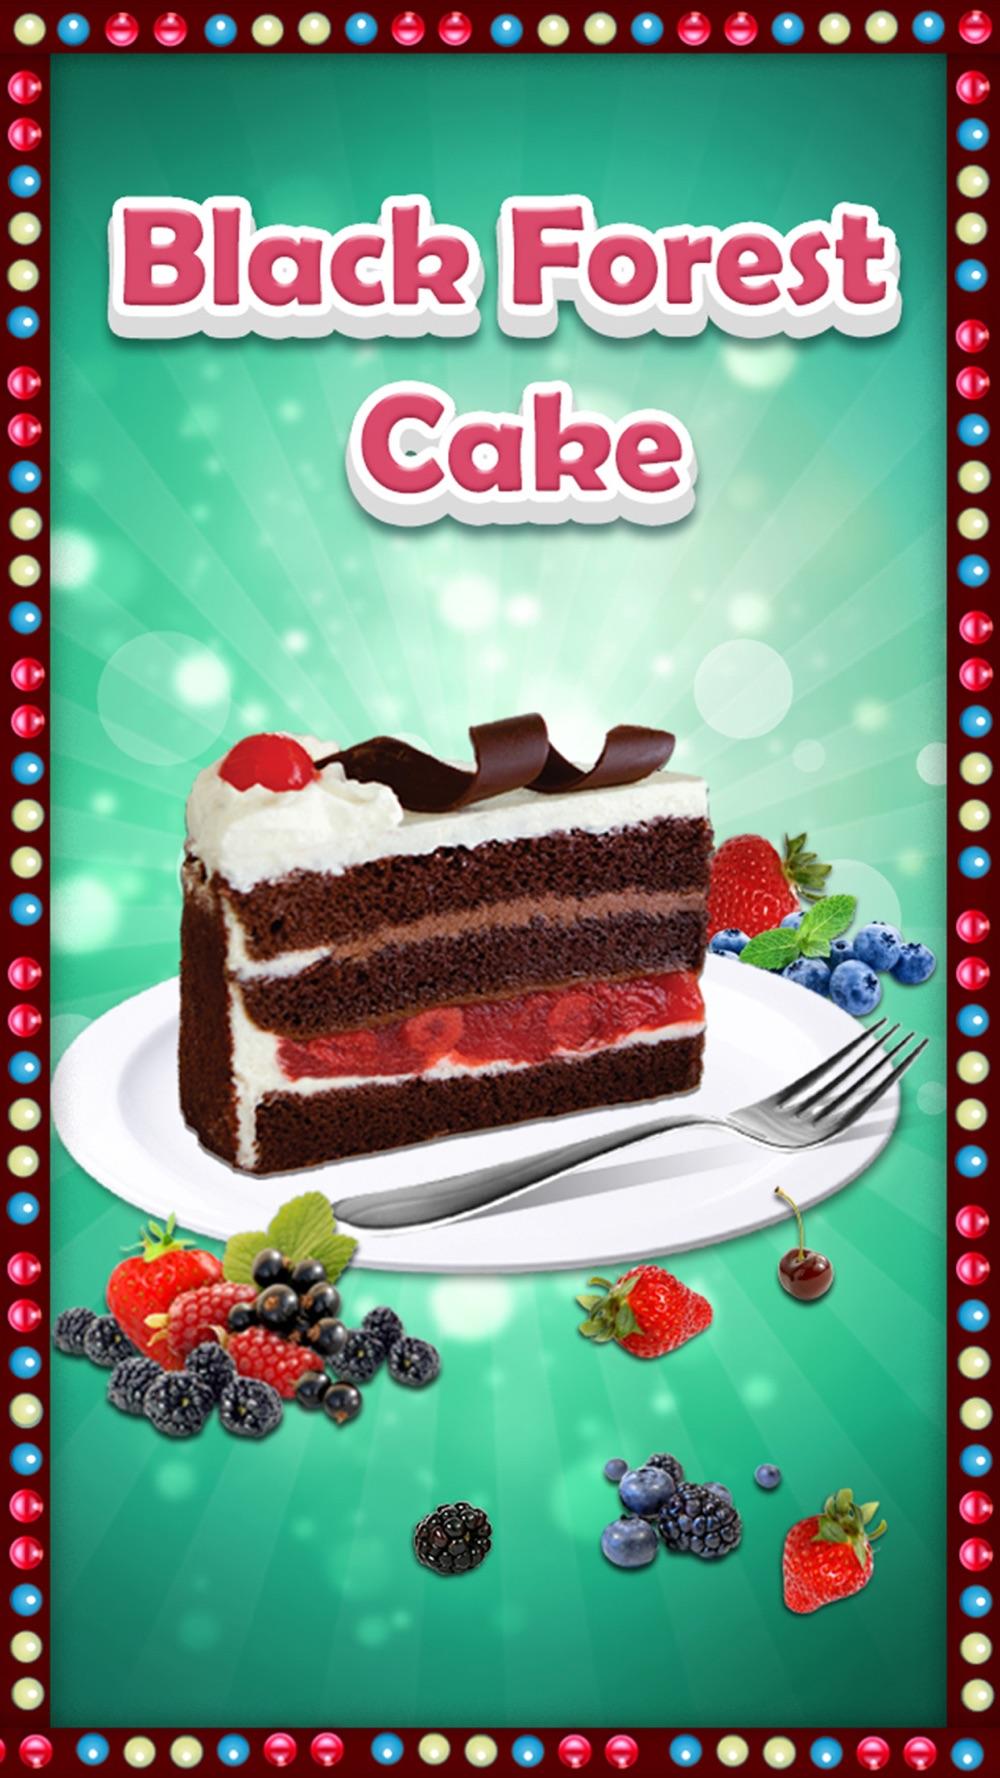 Make Cake! Cheat Codes